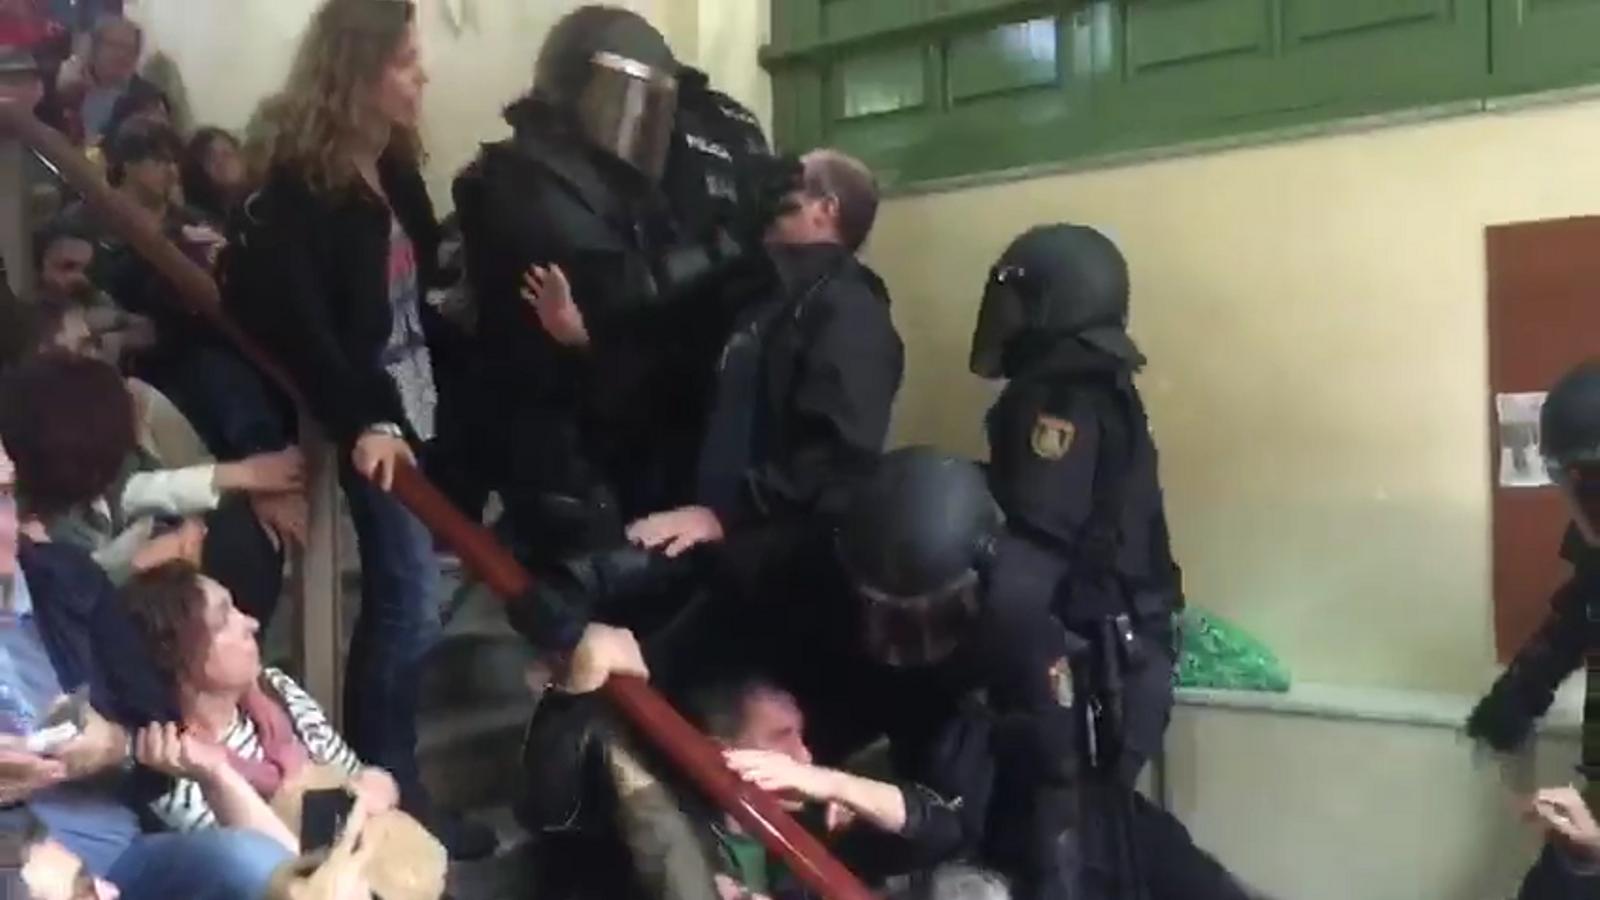 Violència policial a l'interior de l'IES Pau Claris, a l'Eixample